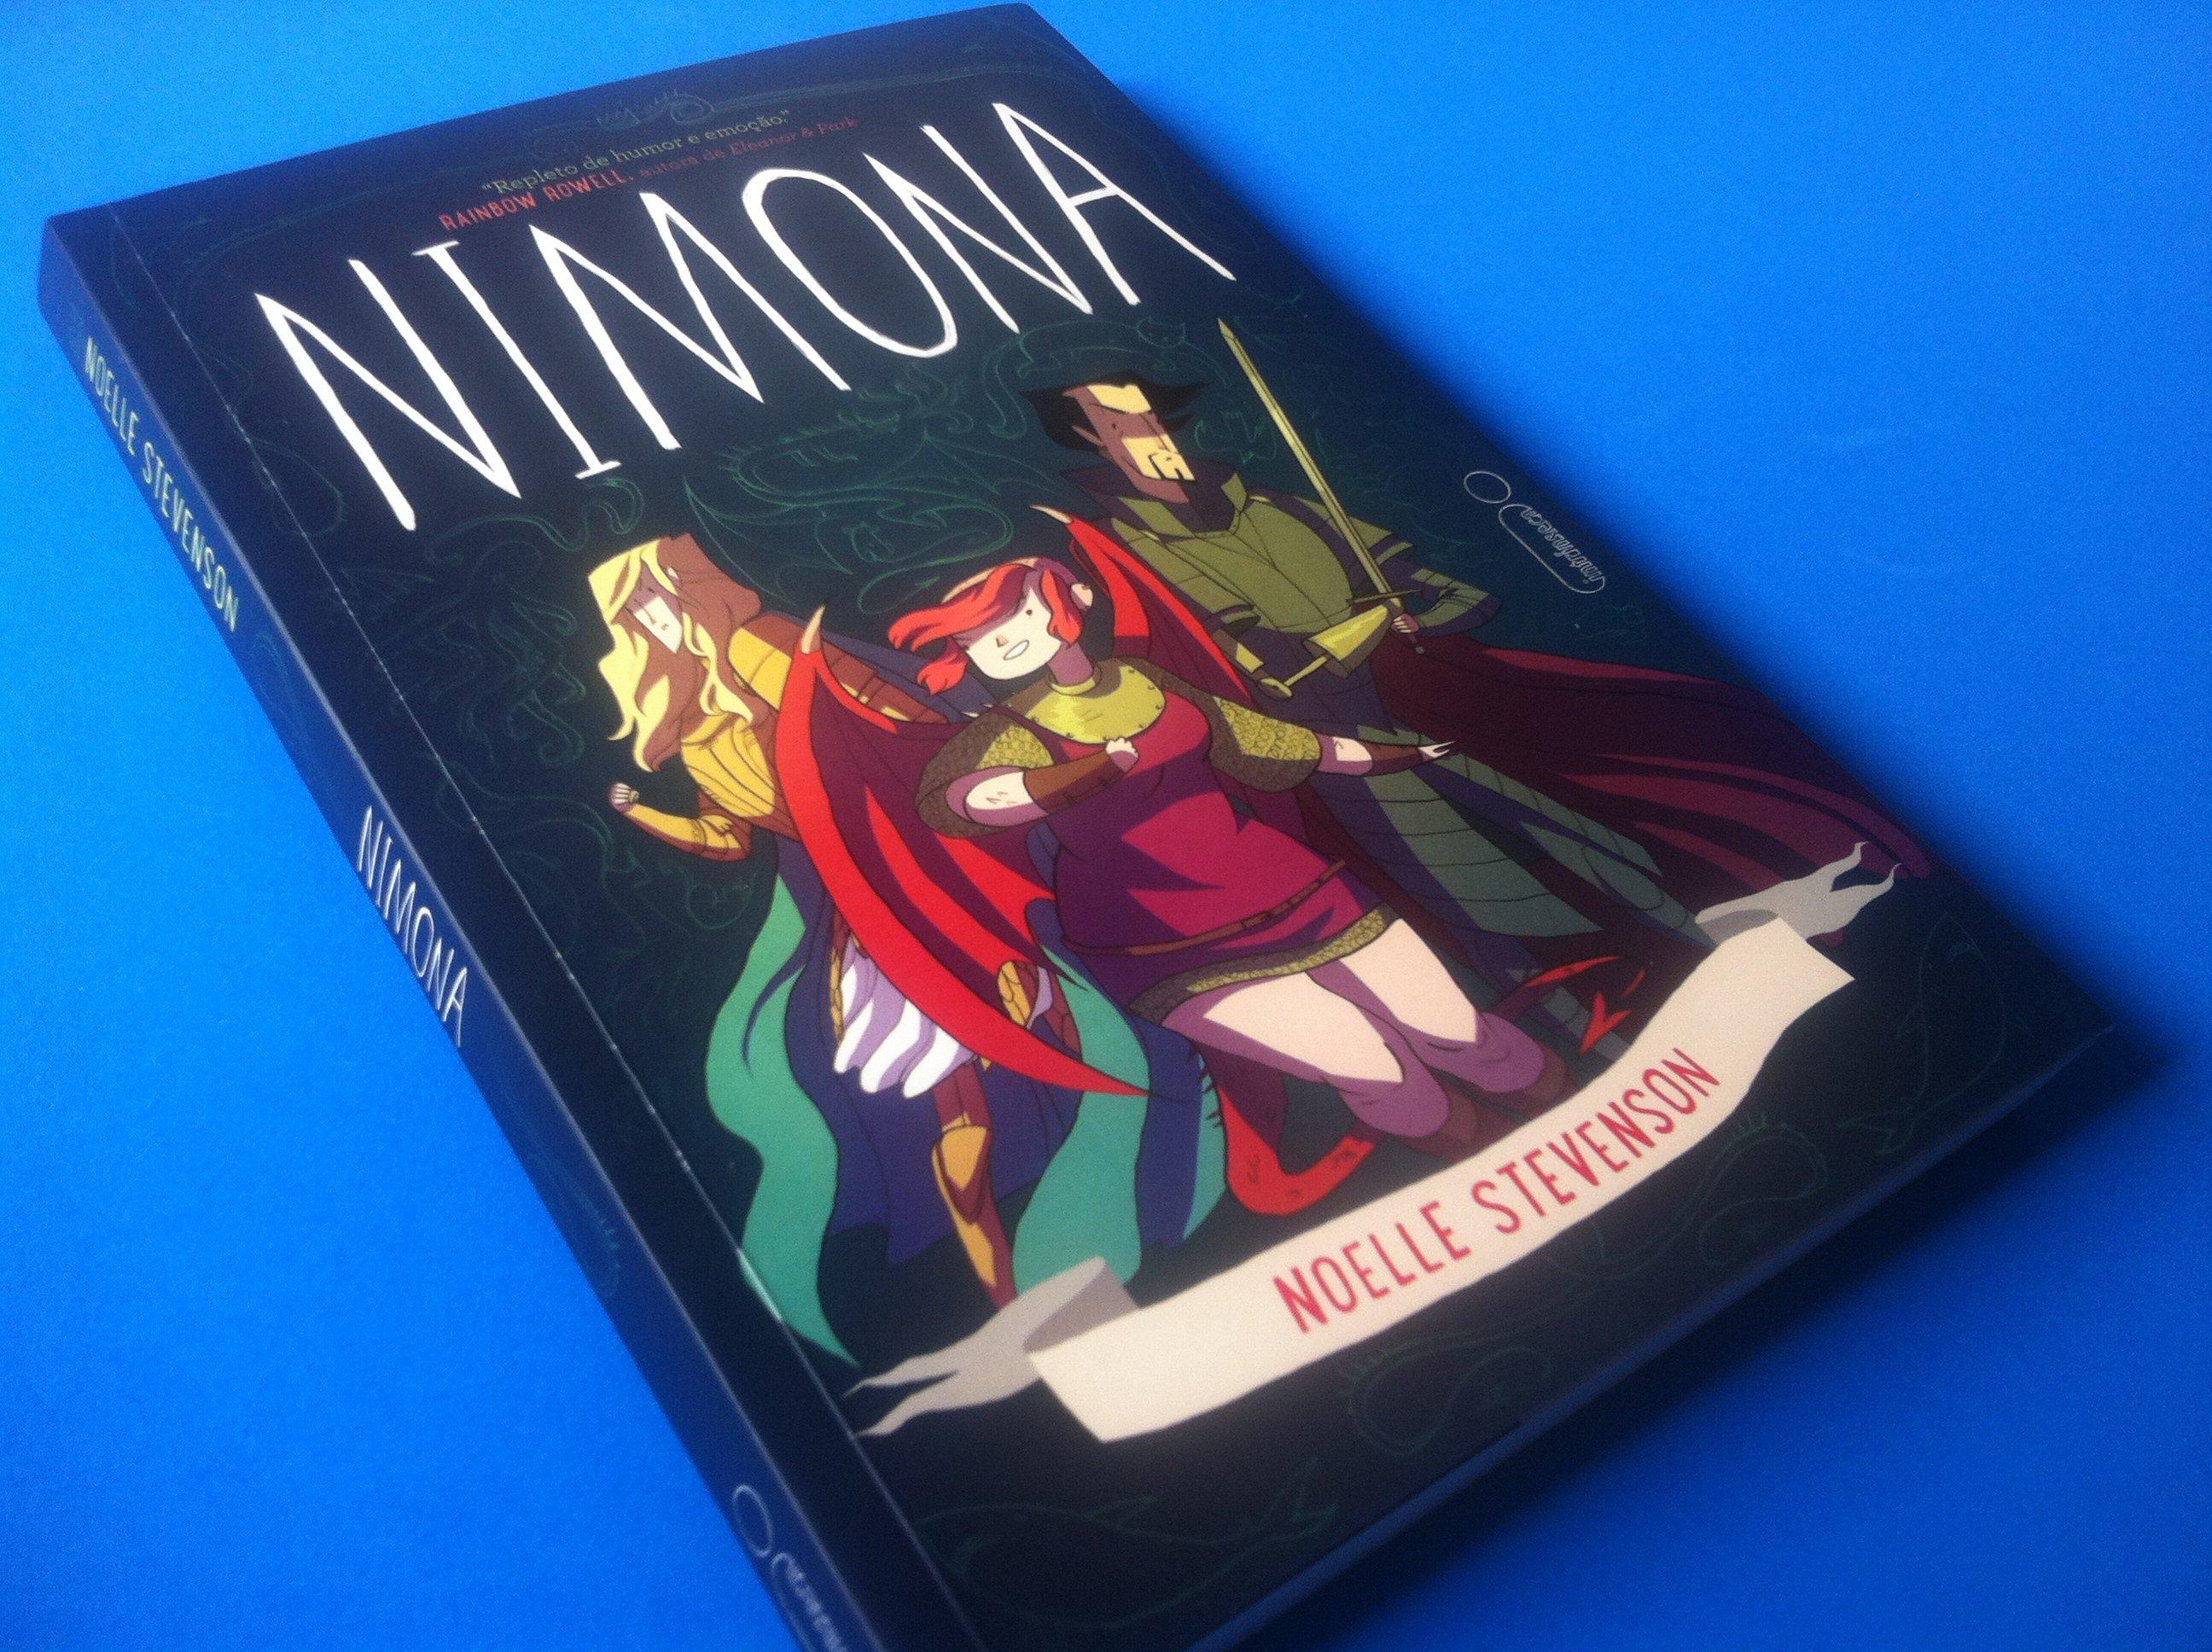 Imagem da capa do livro Nimona, com a personagem no centro (com asas de dragão), o vilão Ballister e o herói Ouropelvis